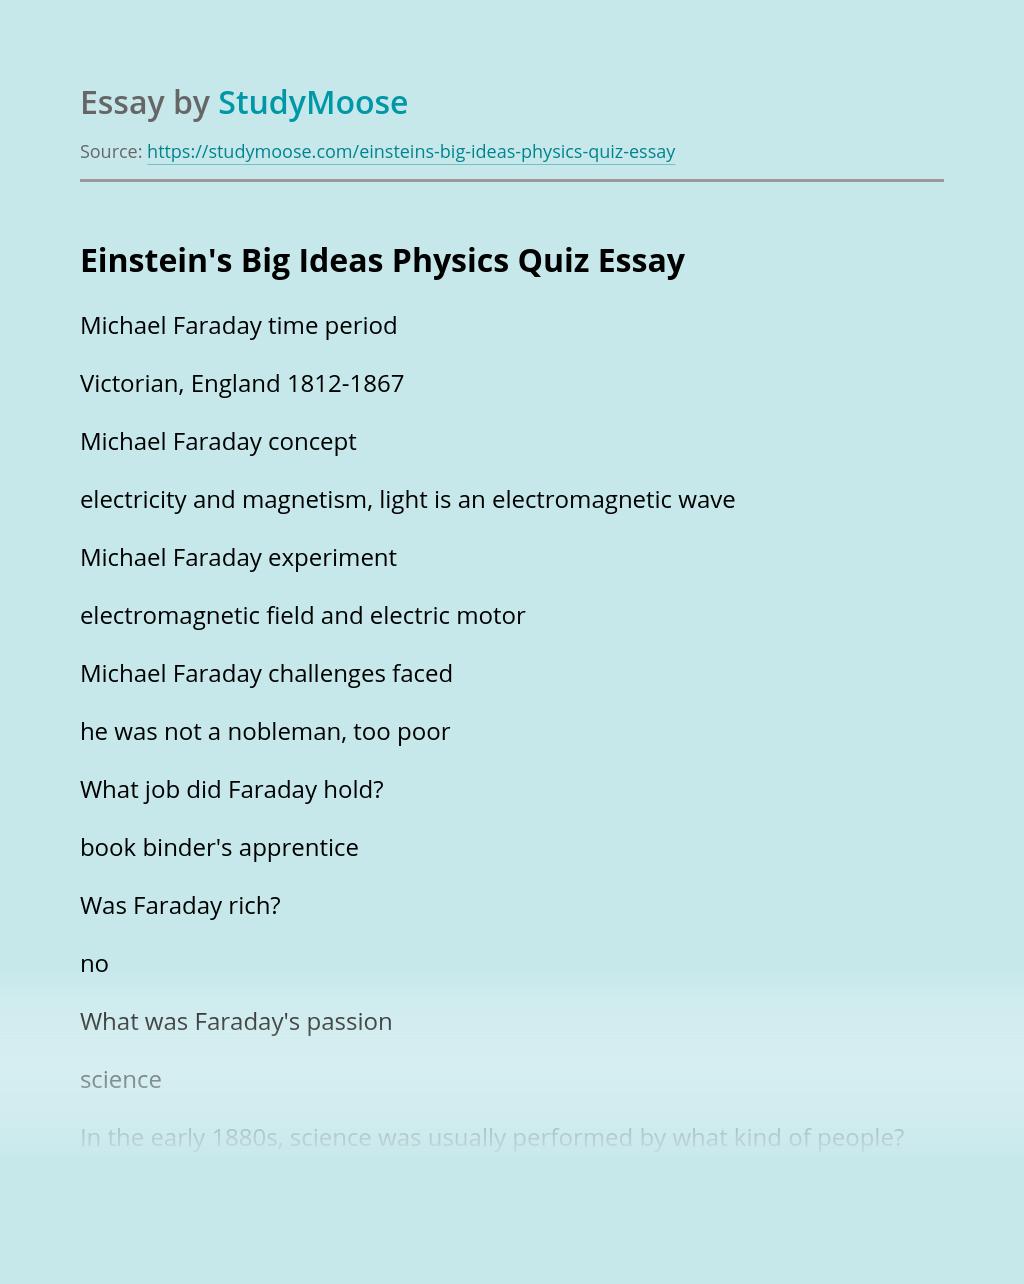 Einstein's Big Ideas Physics Quiz